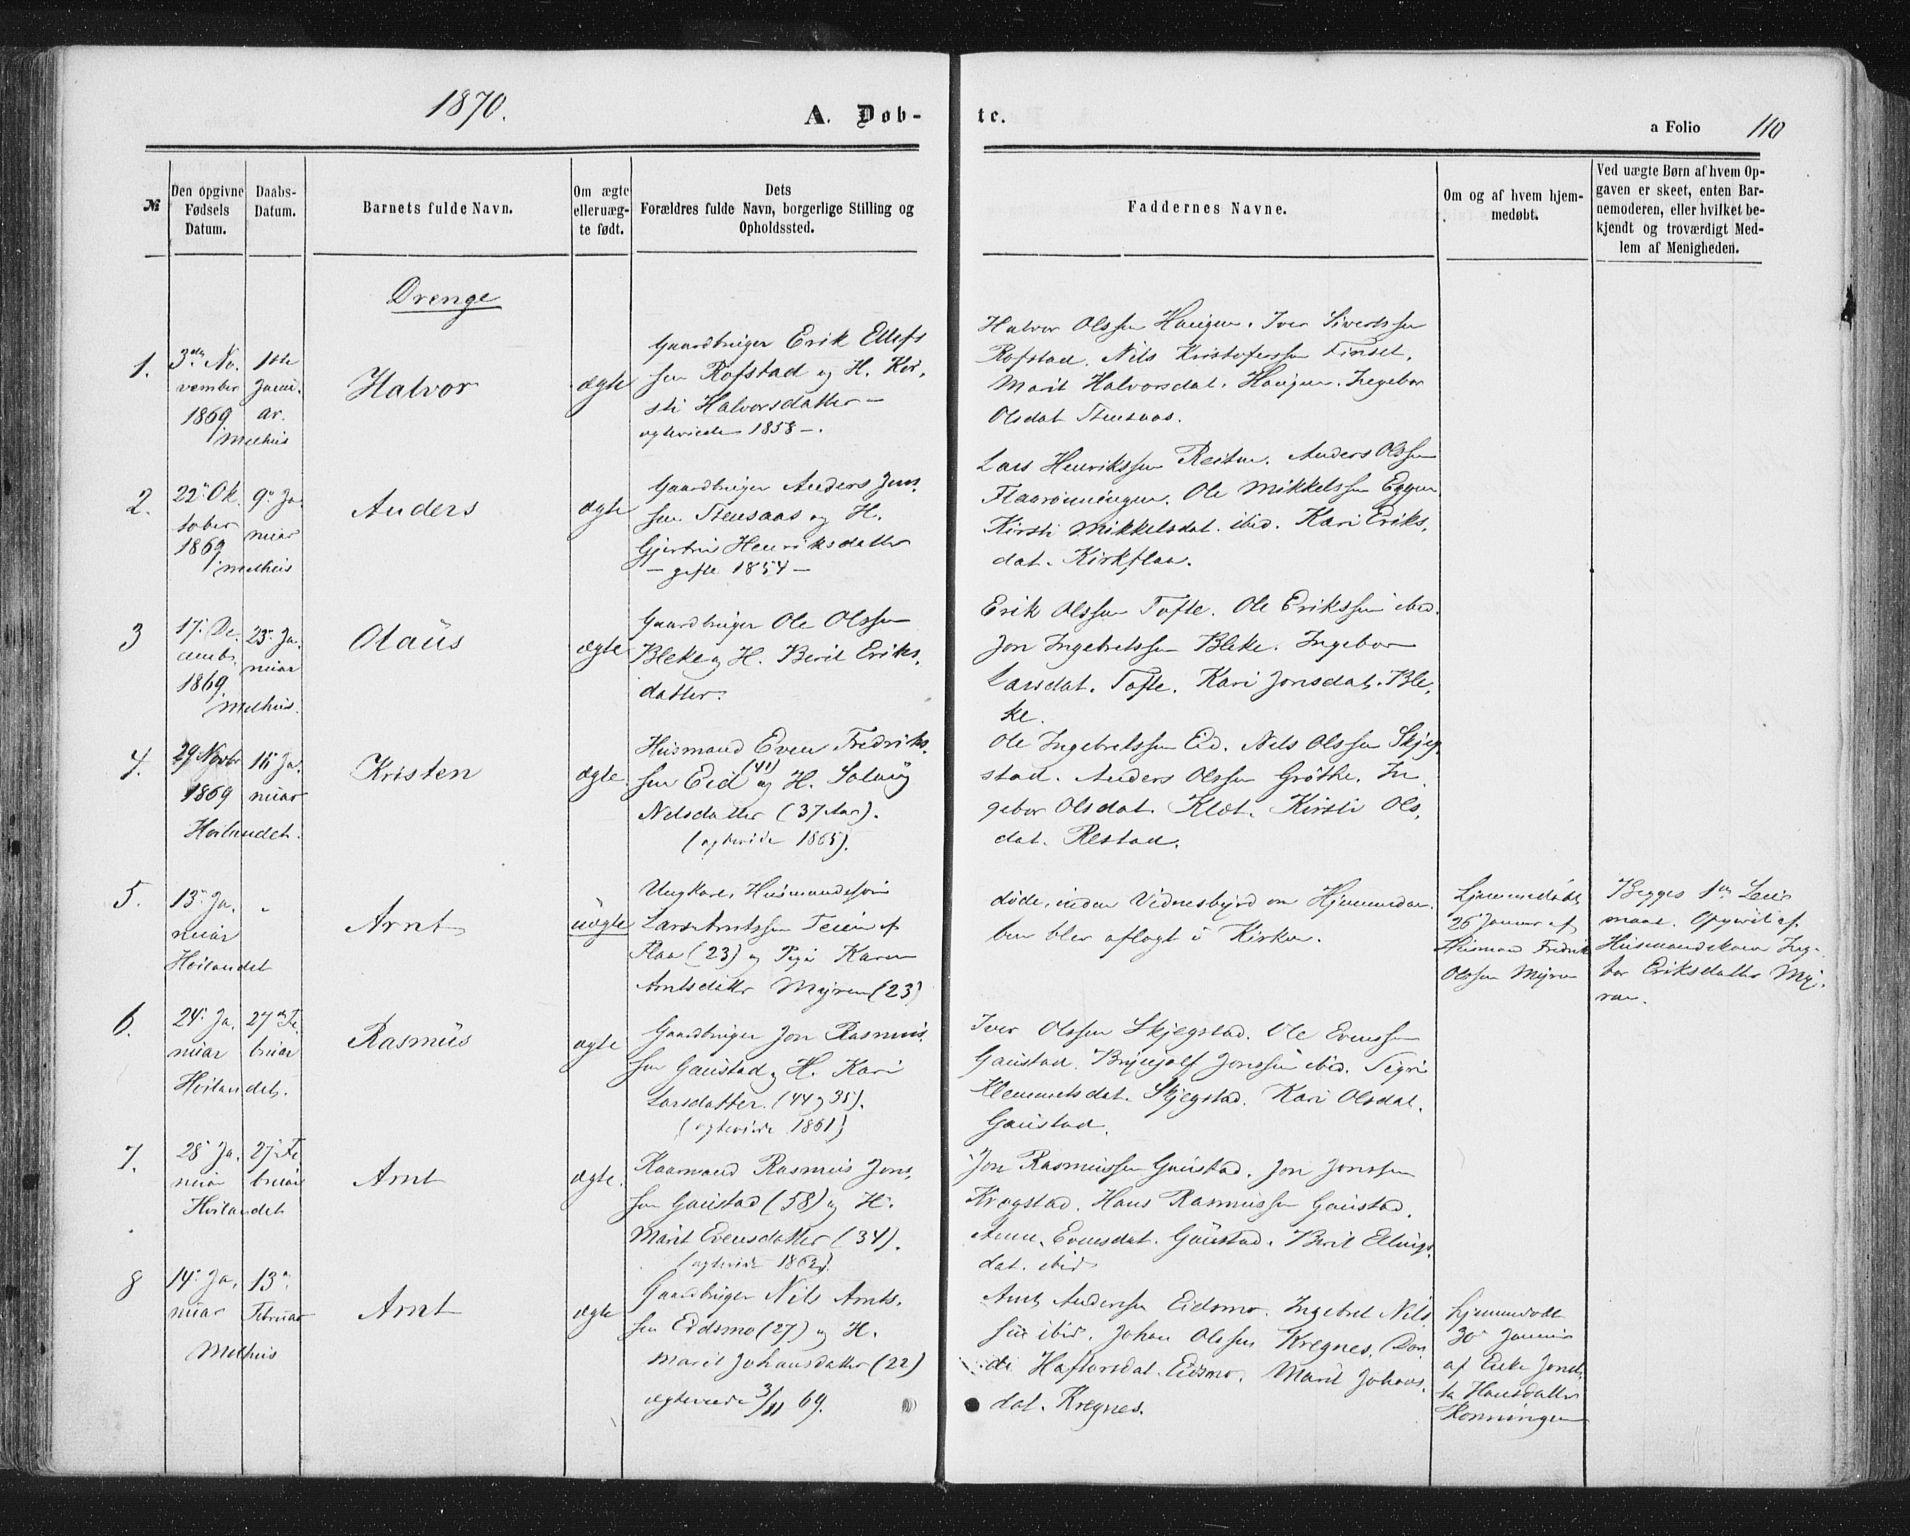 SAT, Ministerialprotokoller, klokkerbøker og fødselsregistre - Sør-Trøndelag, 691/L1077: Ministerialbok nr. 691A09, 1862-1873, s. 110